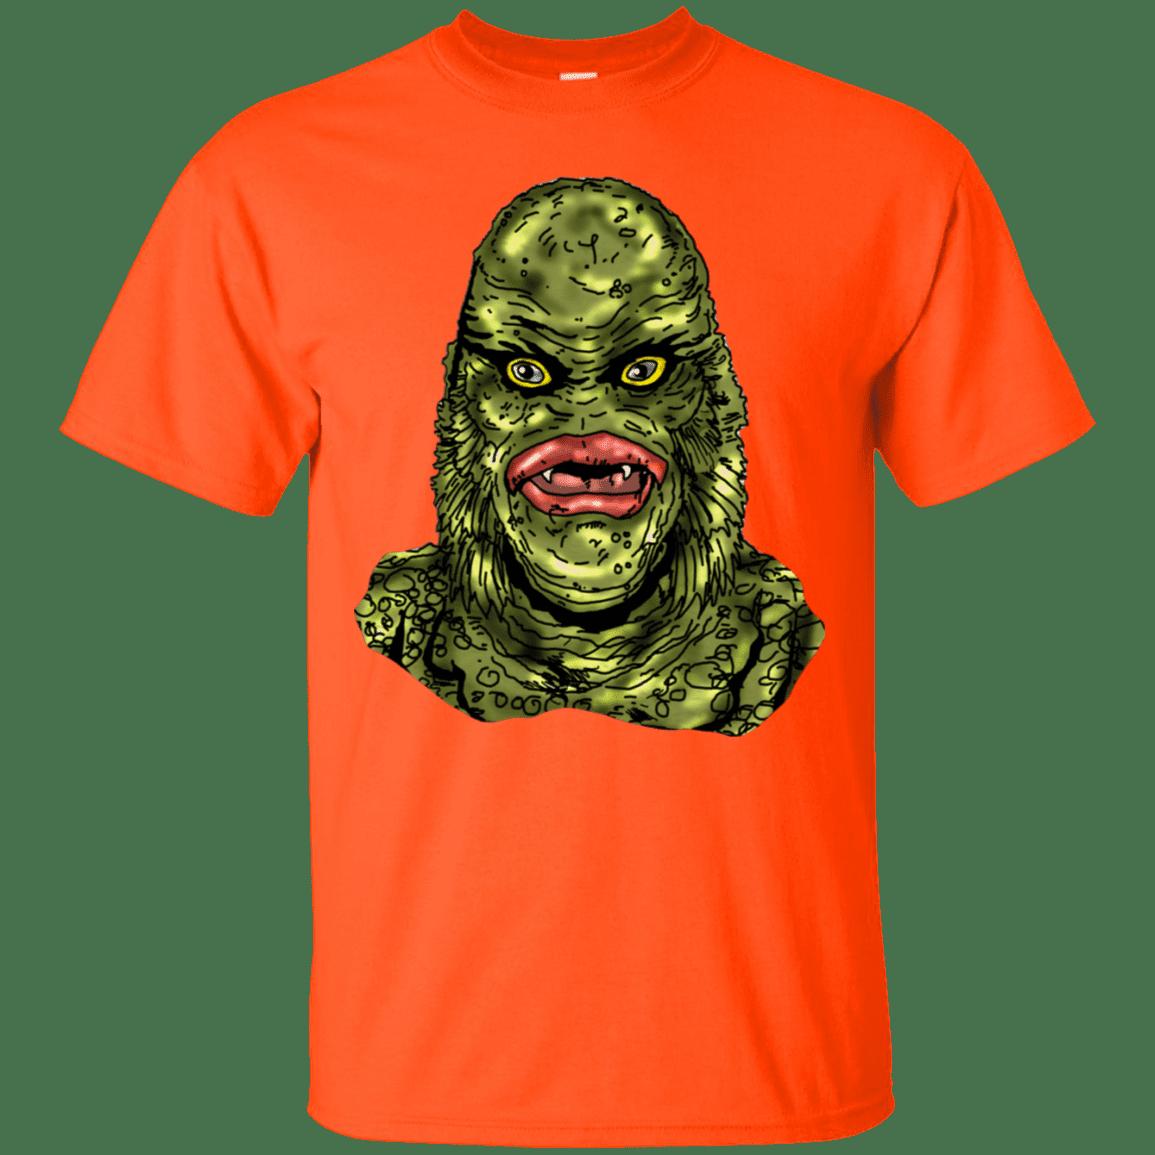 Creature Asstd Colored T-Shirt - Sammy Terry